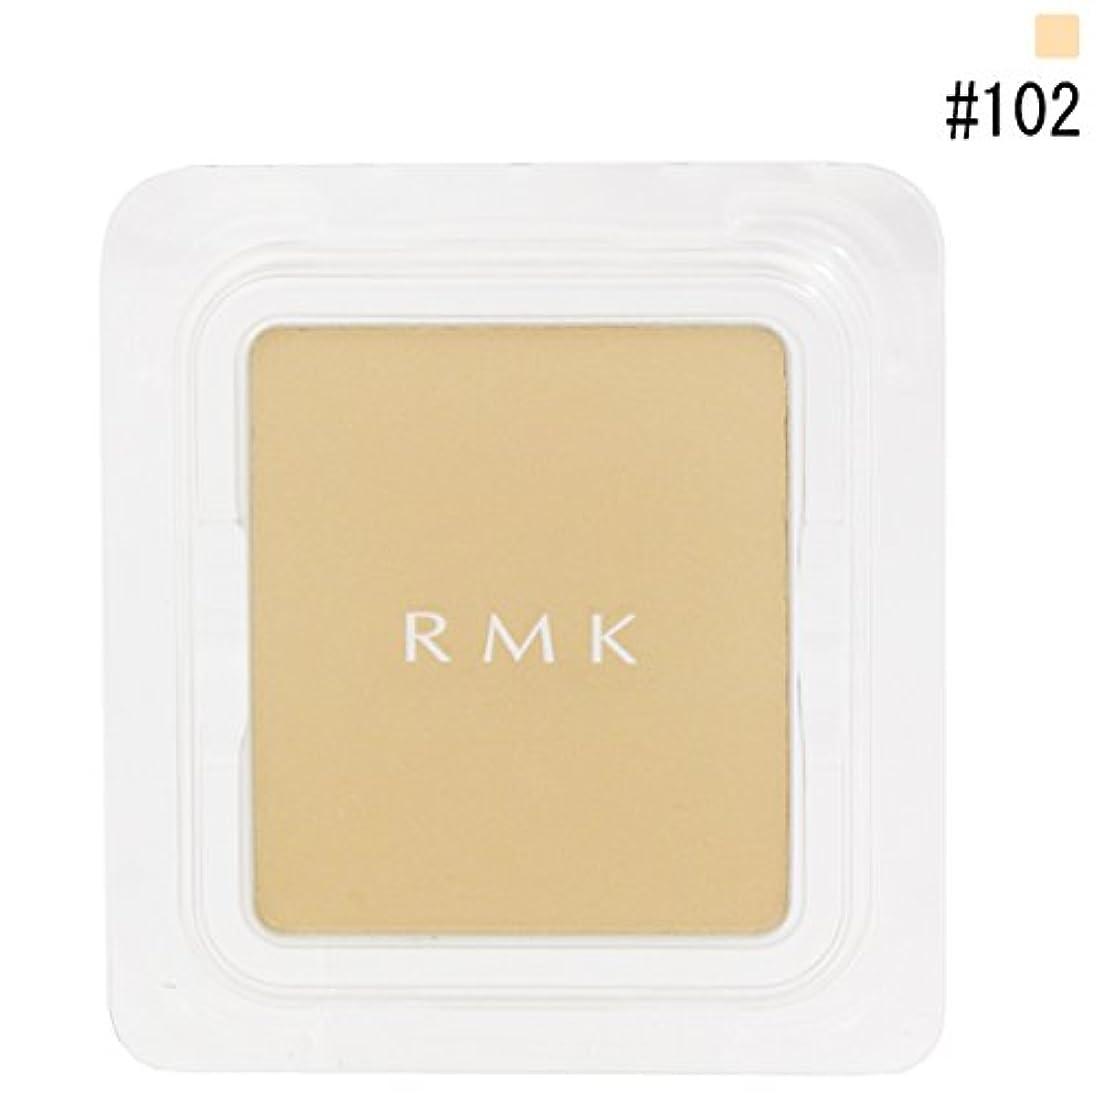 政府マナープライム【RMK (ルミコ)】エアリーパウダーファンデーション (レフィル) #102 10.5g